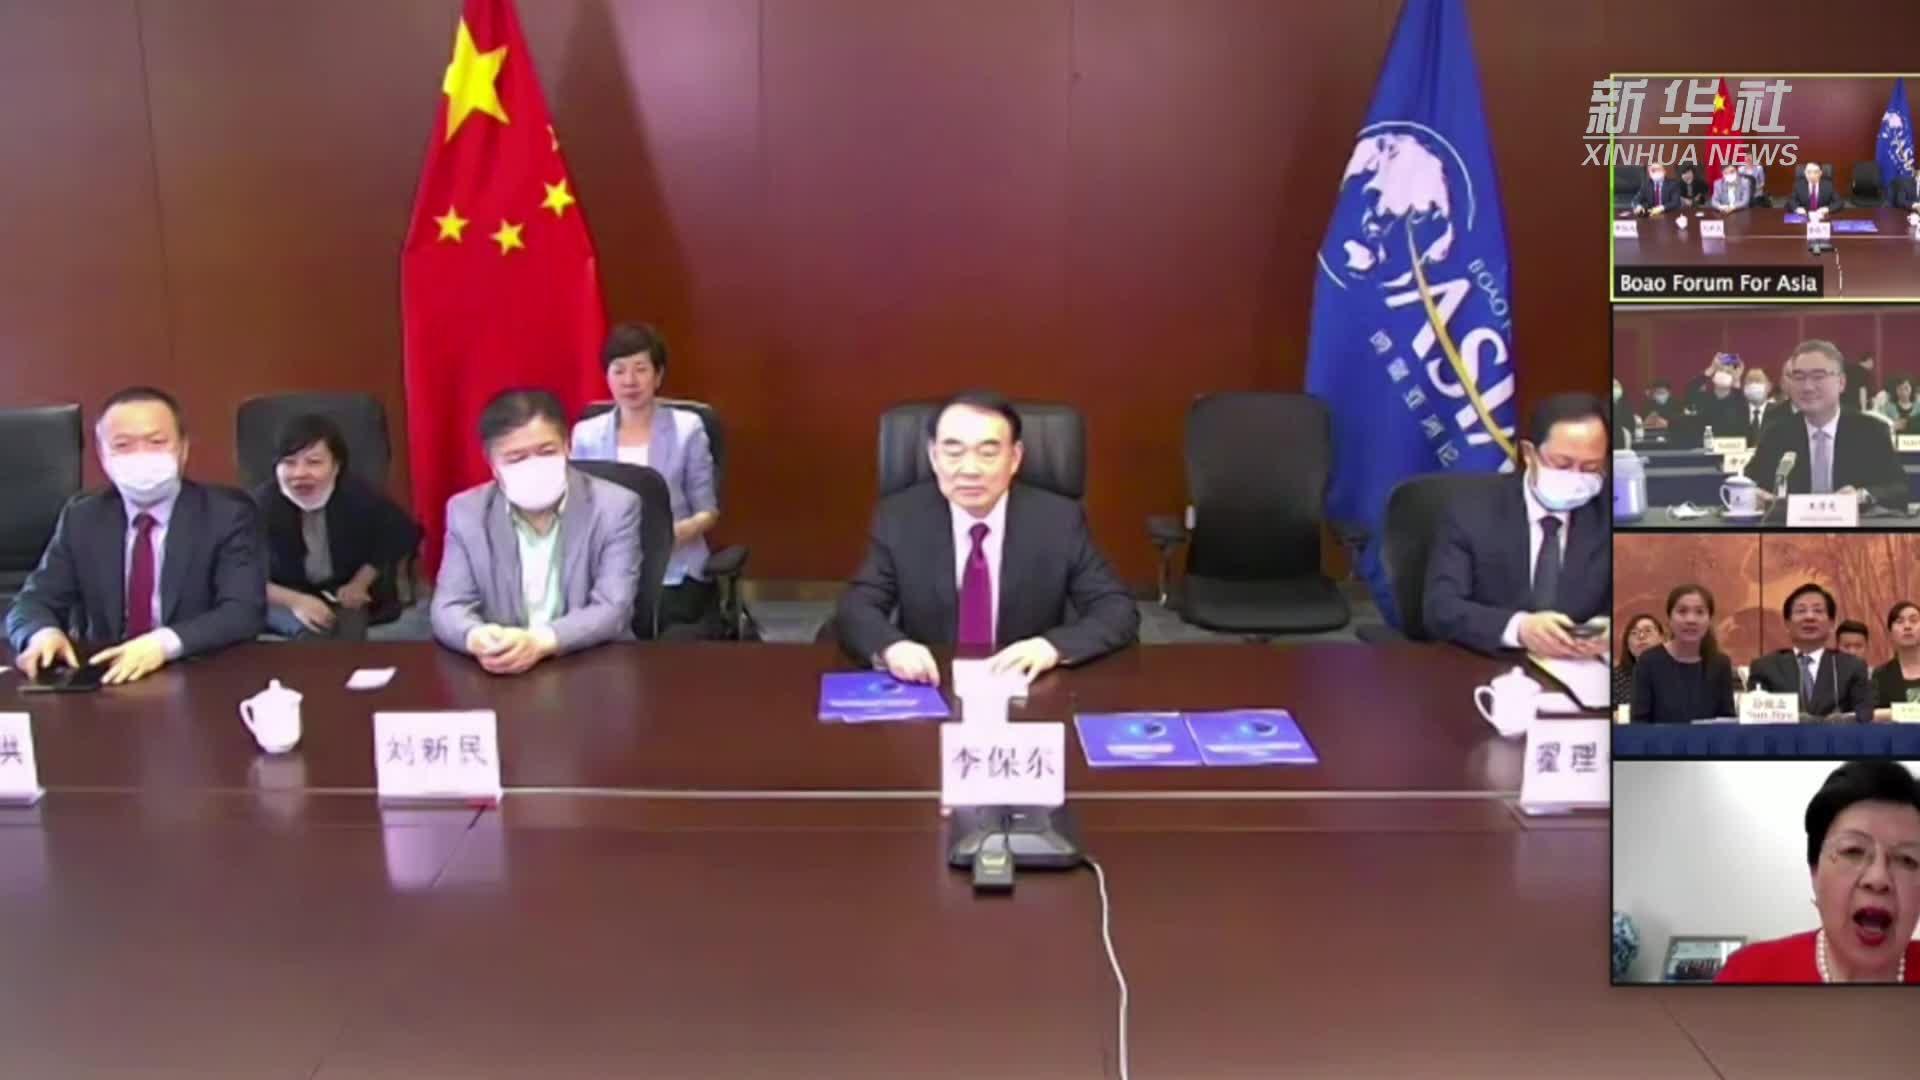 博鳌亚洲论坛举办全球健康论坛第二届大会筹备工作视频专家会议安卓版